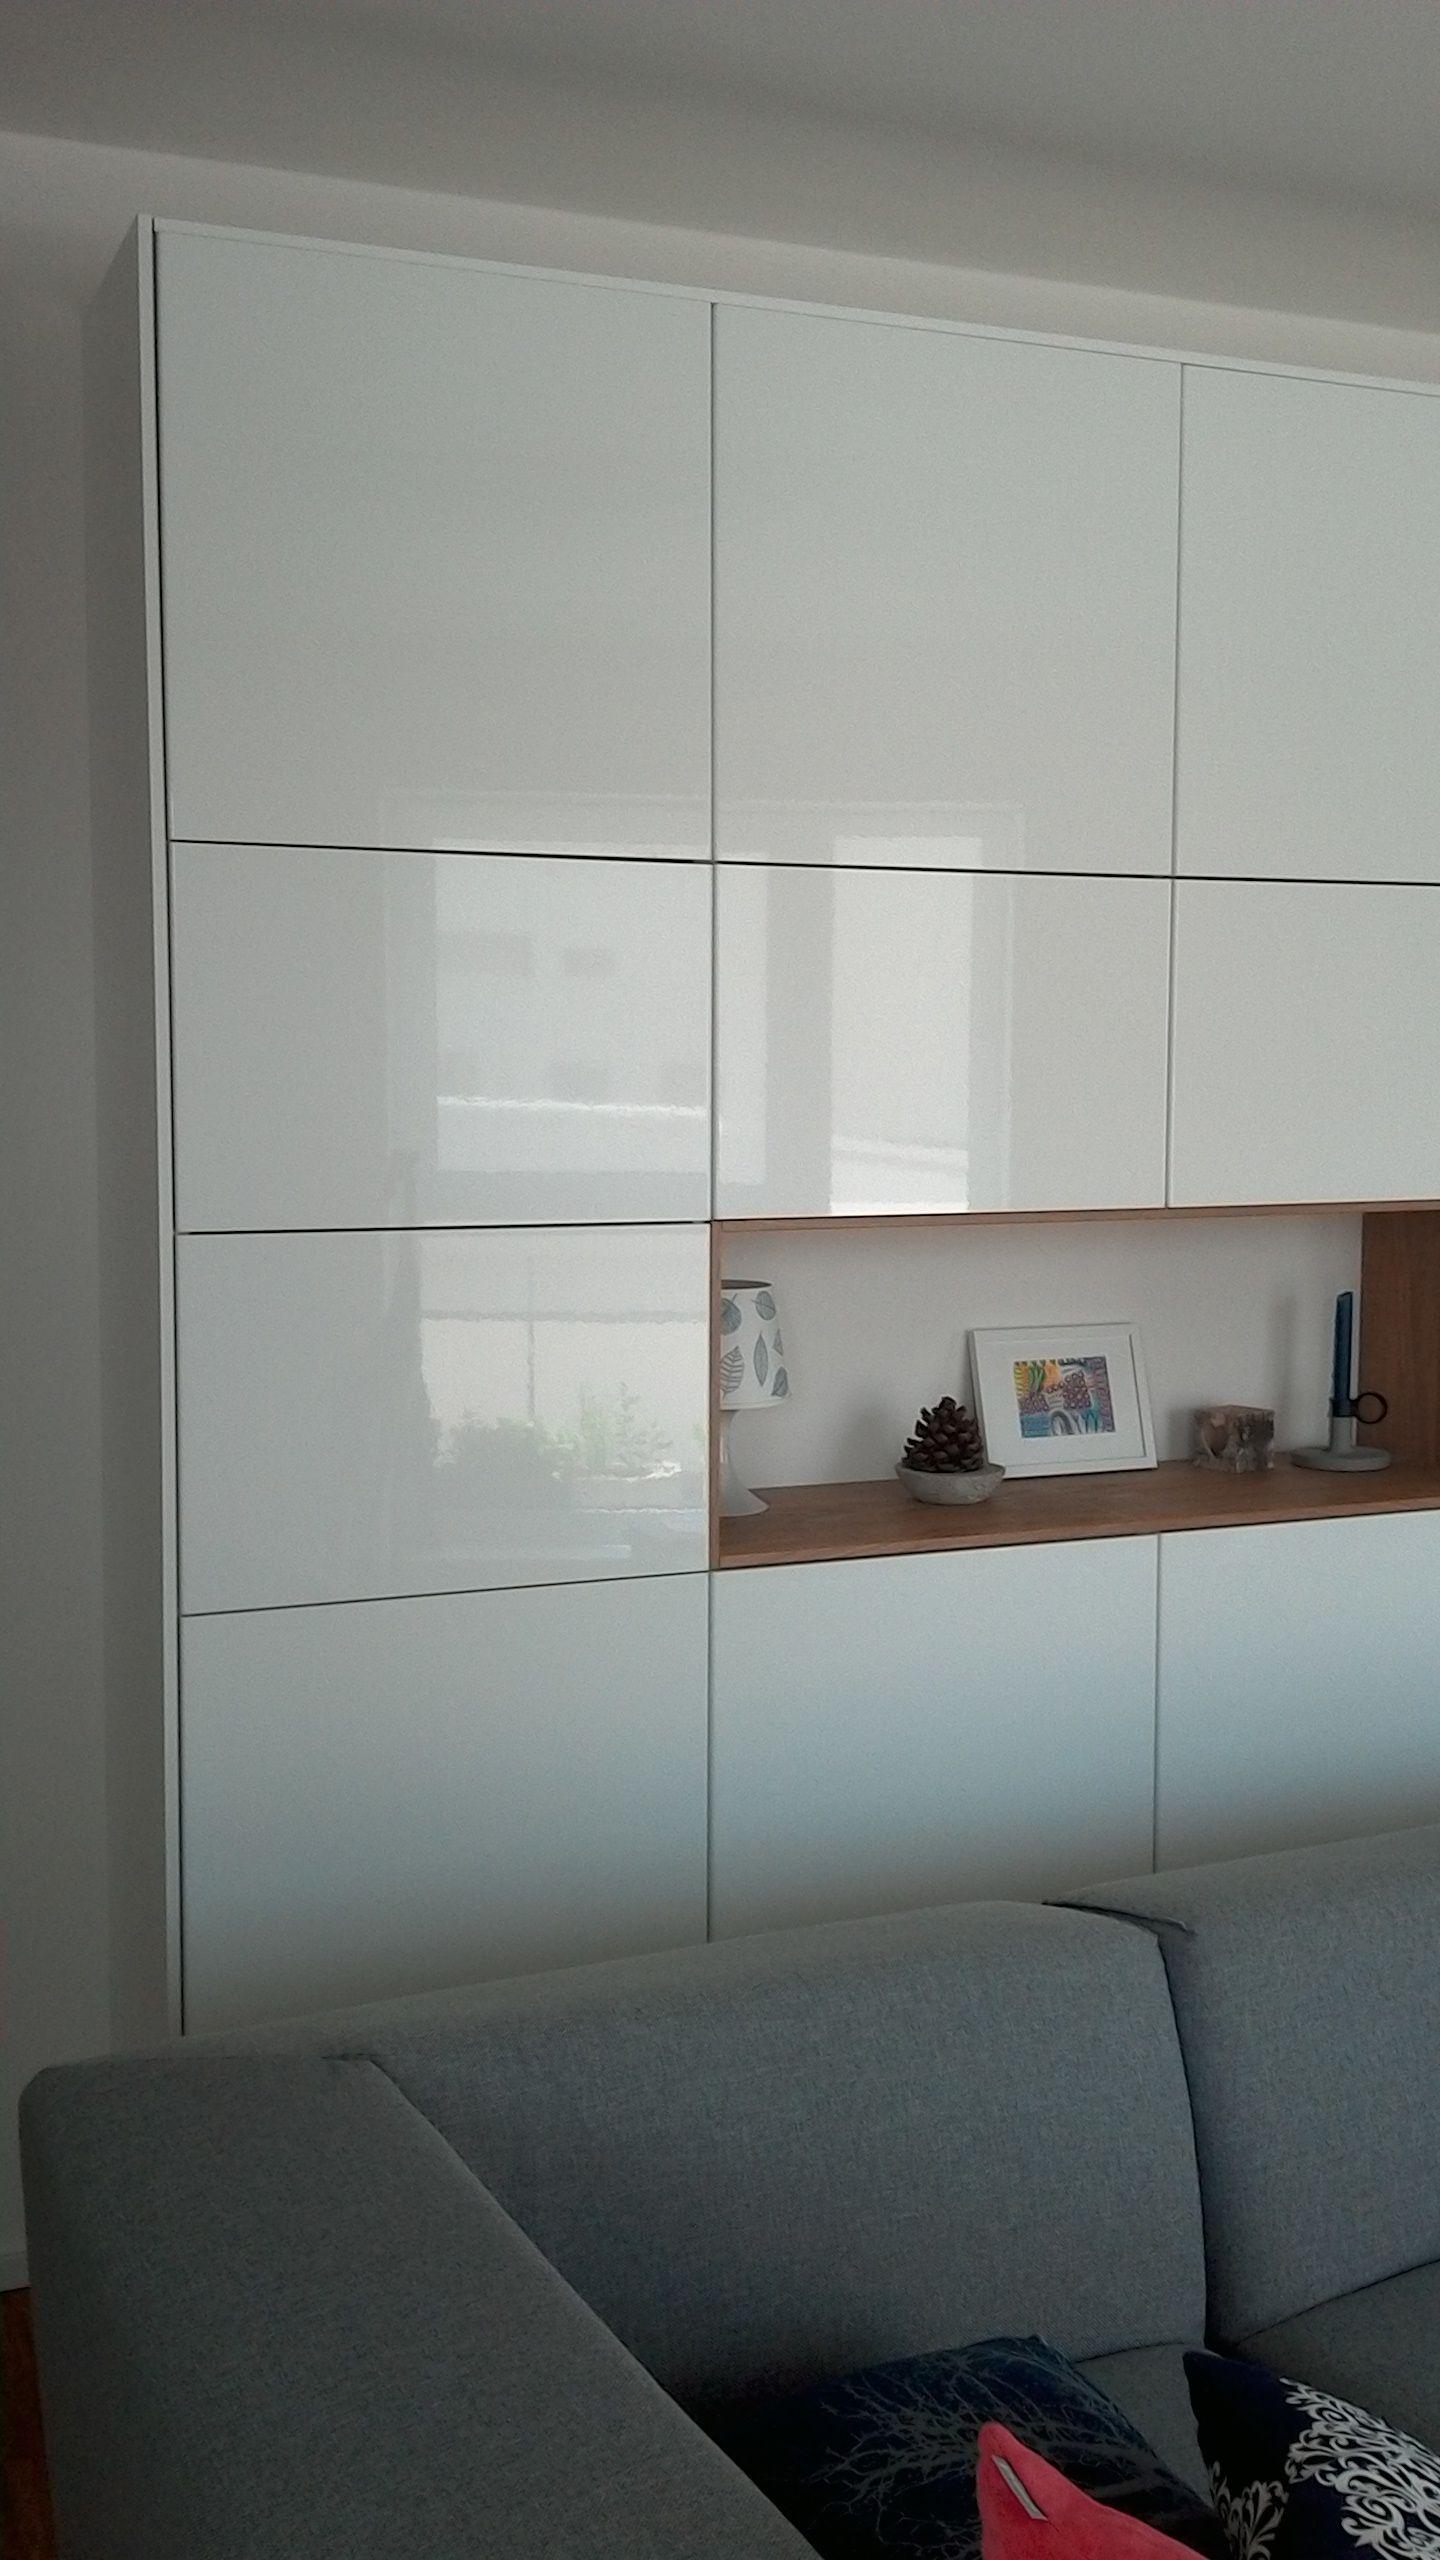 Full Size of Wohnzimmerschränke Ikea Method Ringhult Plus Hyttan Als Wohnzimmerschrank Küche Kaufen Betten Bei Kosten Sofa Mit Schlaffunktion Miniküche Modulküche Wohnzimmer Wohnzimmerschränke Ikea